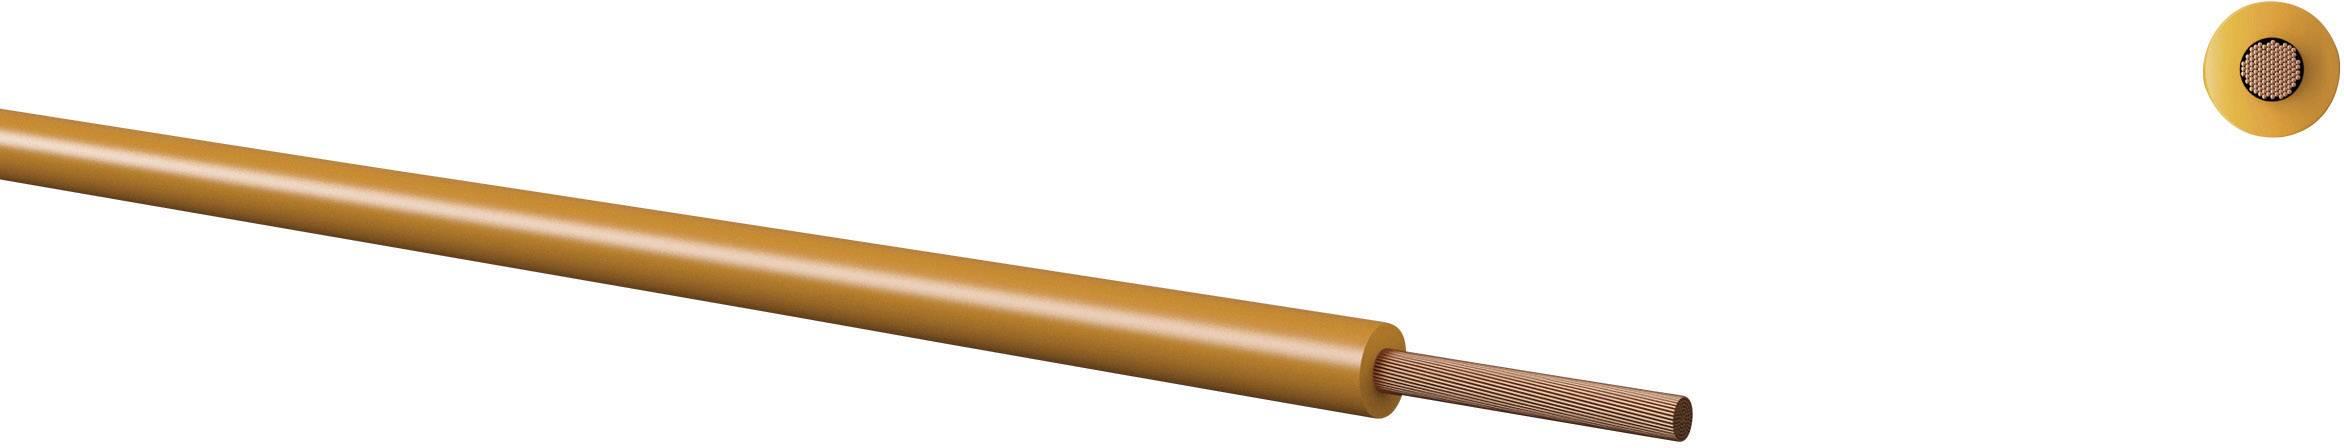 Opletenie / lanko Kabeltronik 160102506 LiFY, 1 x 0.25 mm², vonkajší Ø 1.40 mm, metrový tovar, ružová